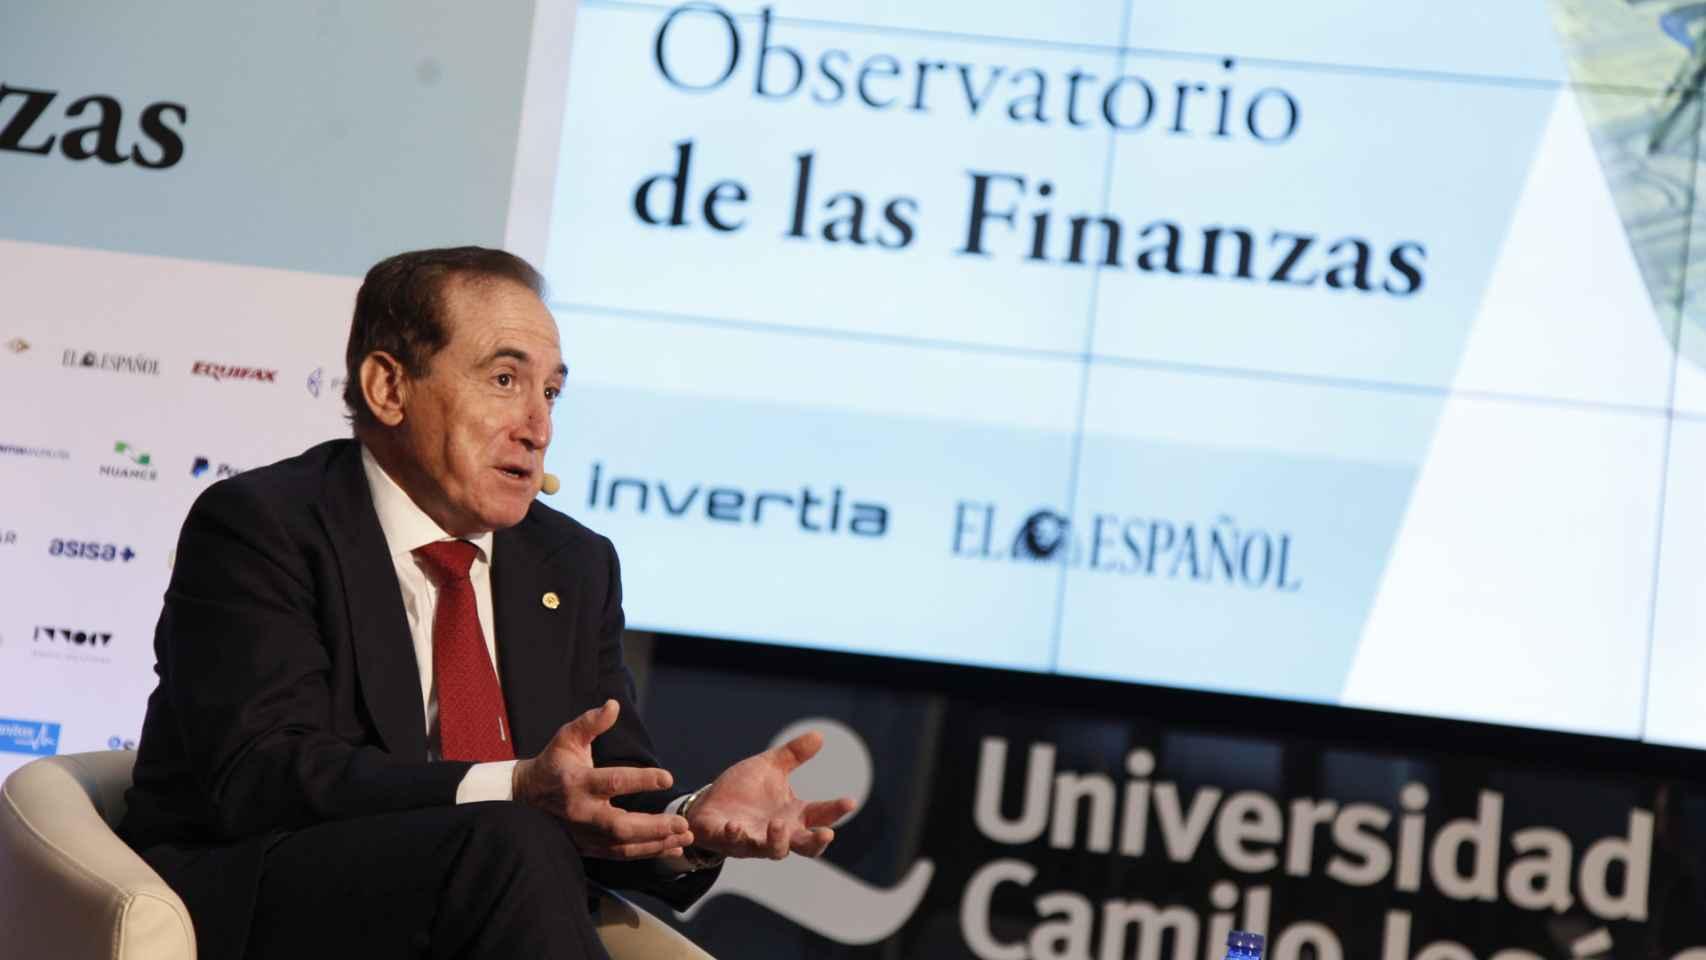 Antonio Huertas, presidente de Mapfre, durante el Observatorio de las Finanzas de EL ESPAÑOL e Invertia.